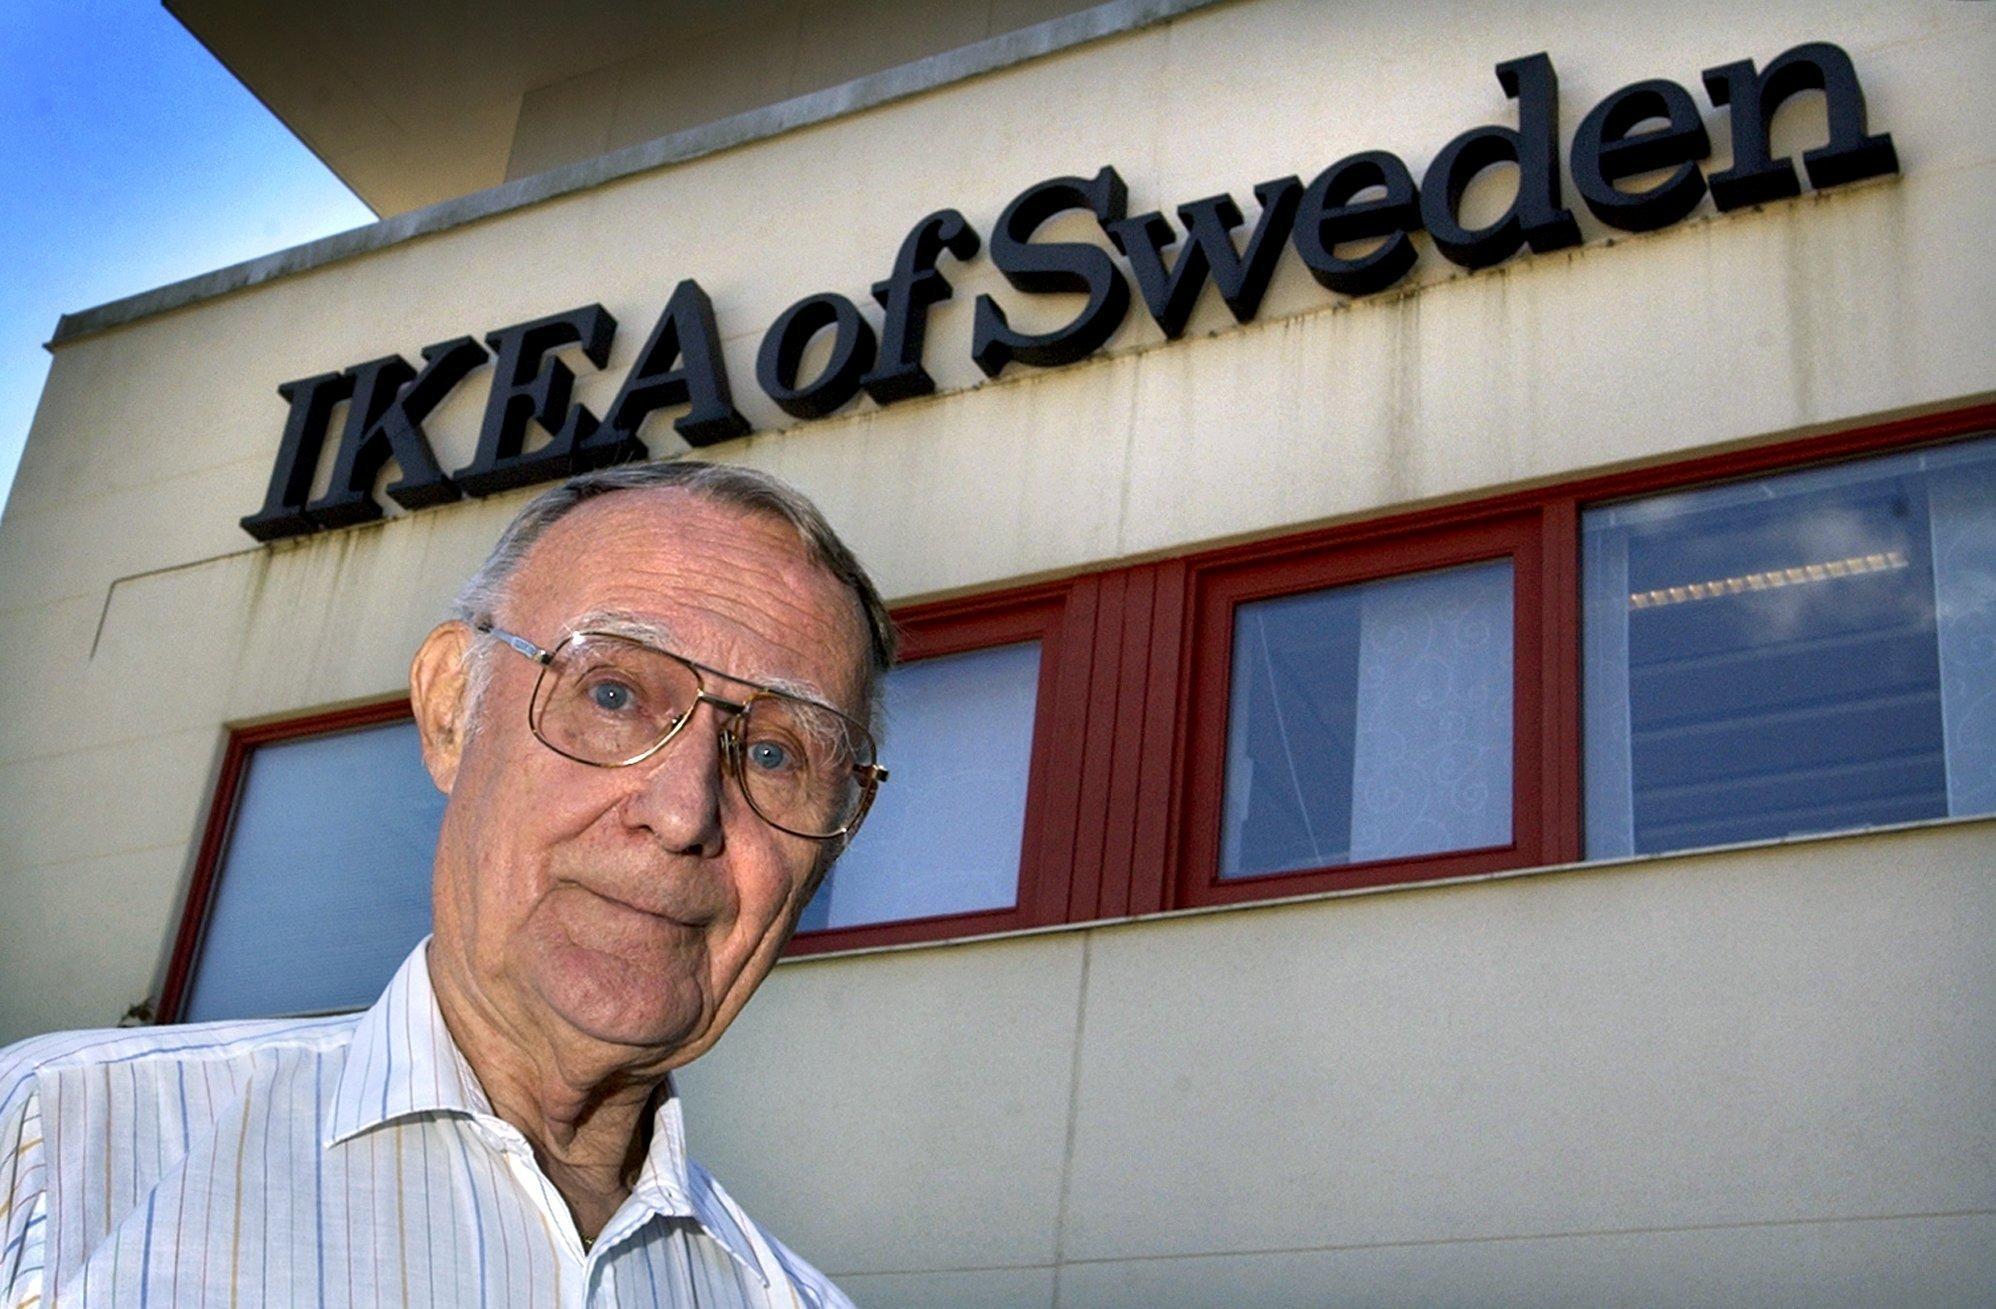 Sweden_Ikea_56386-159532.jpg54566782